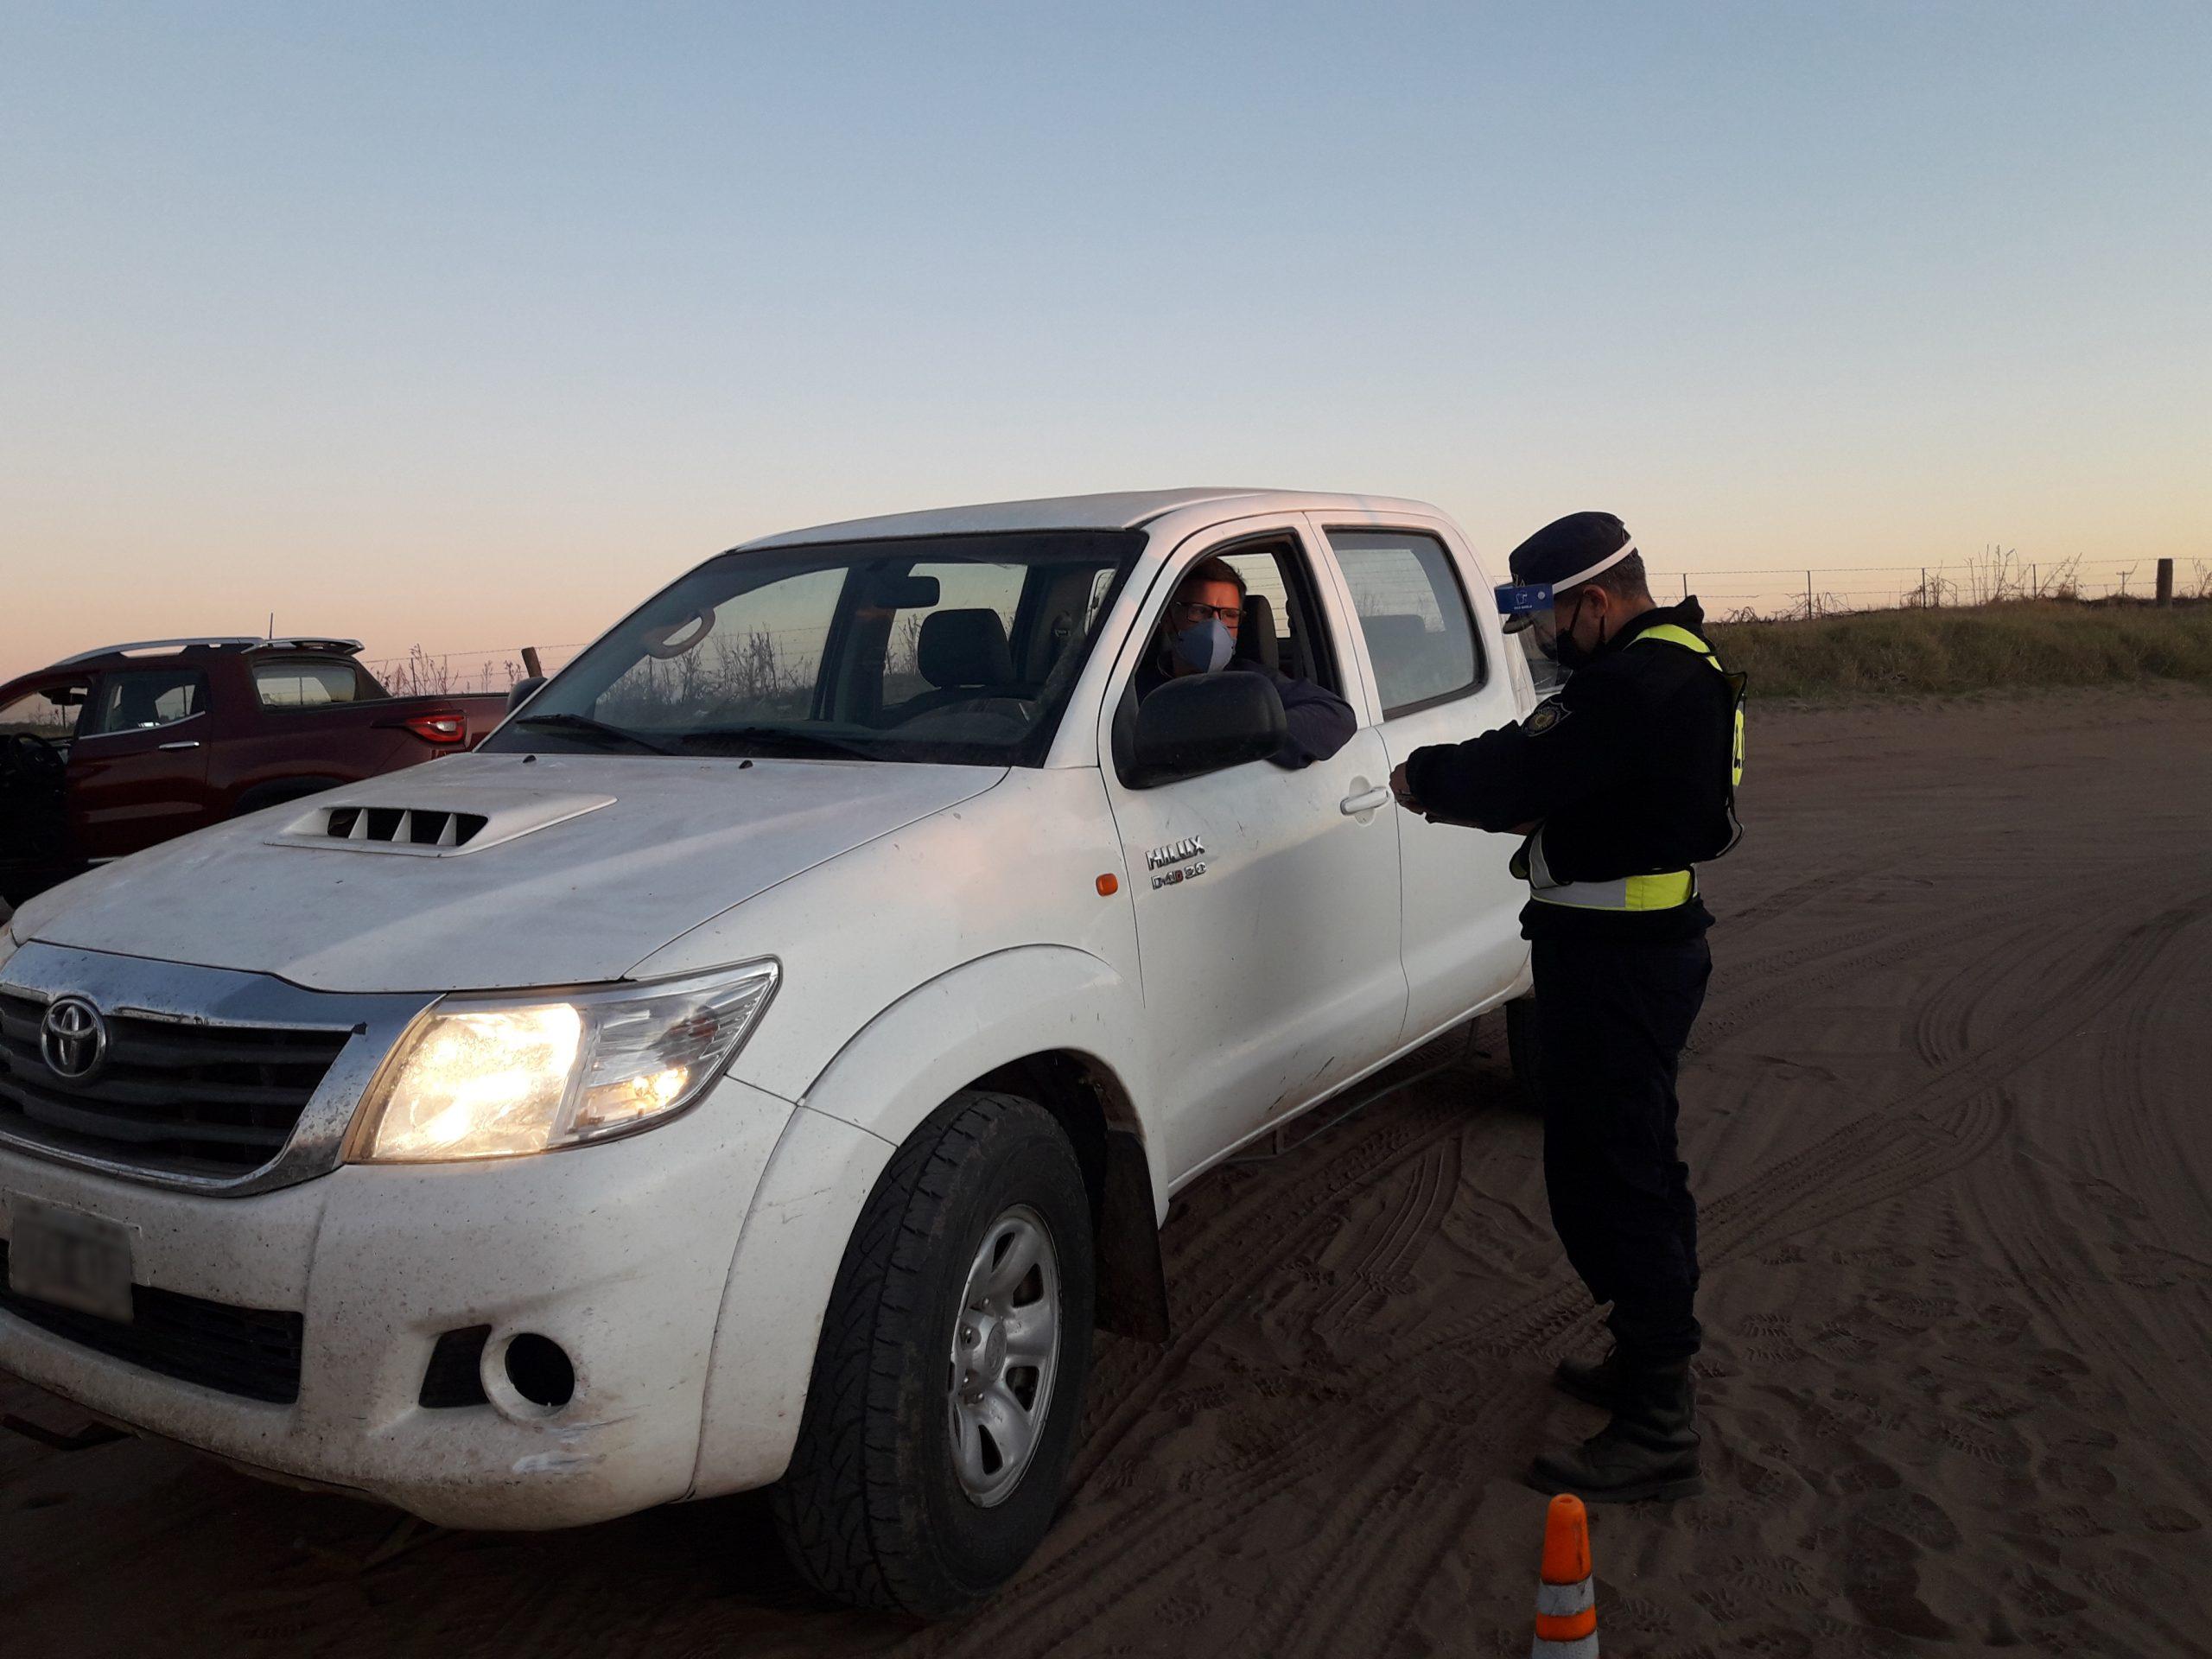 La policía de Hilario Lagos realiza exhaustivos controles en los ingresos a la localidad desde la provincia de Córdoba